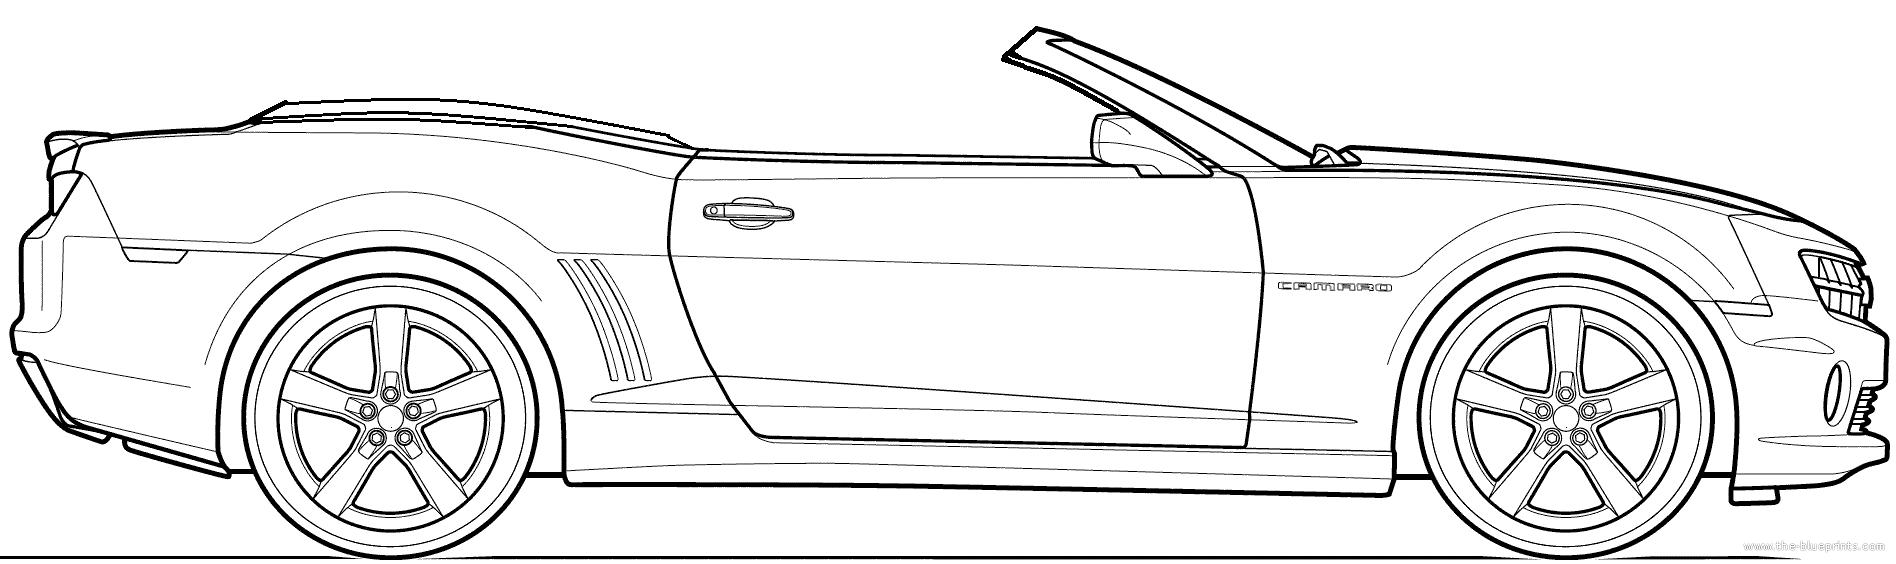 Convertible coloring pages ~ The-Blueprints.com - Blueprints > Cars > Chevrolet ...